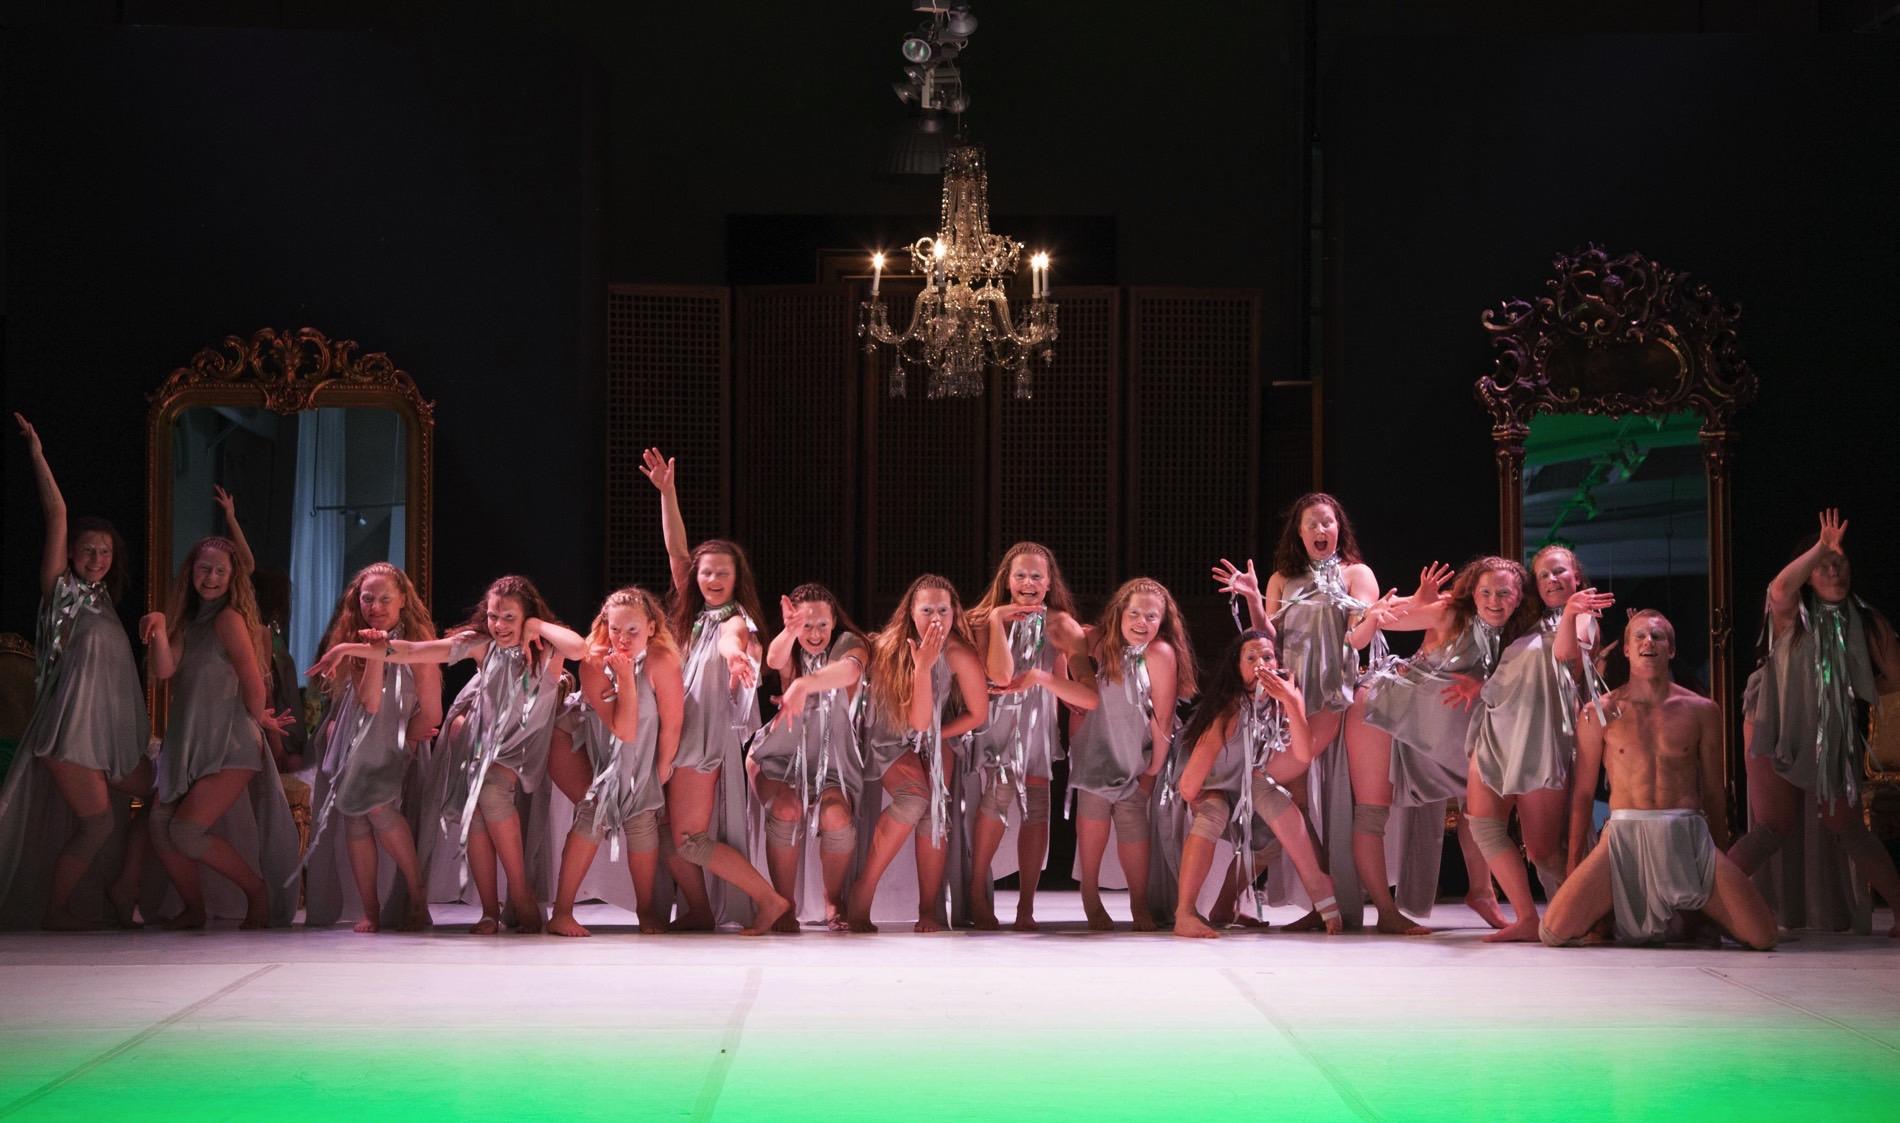 Danseuddannelsen 2014-2015